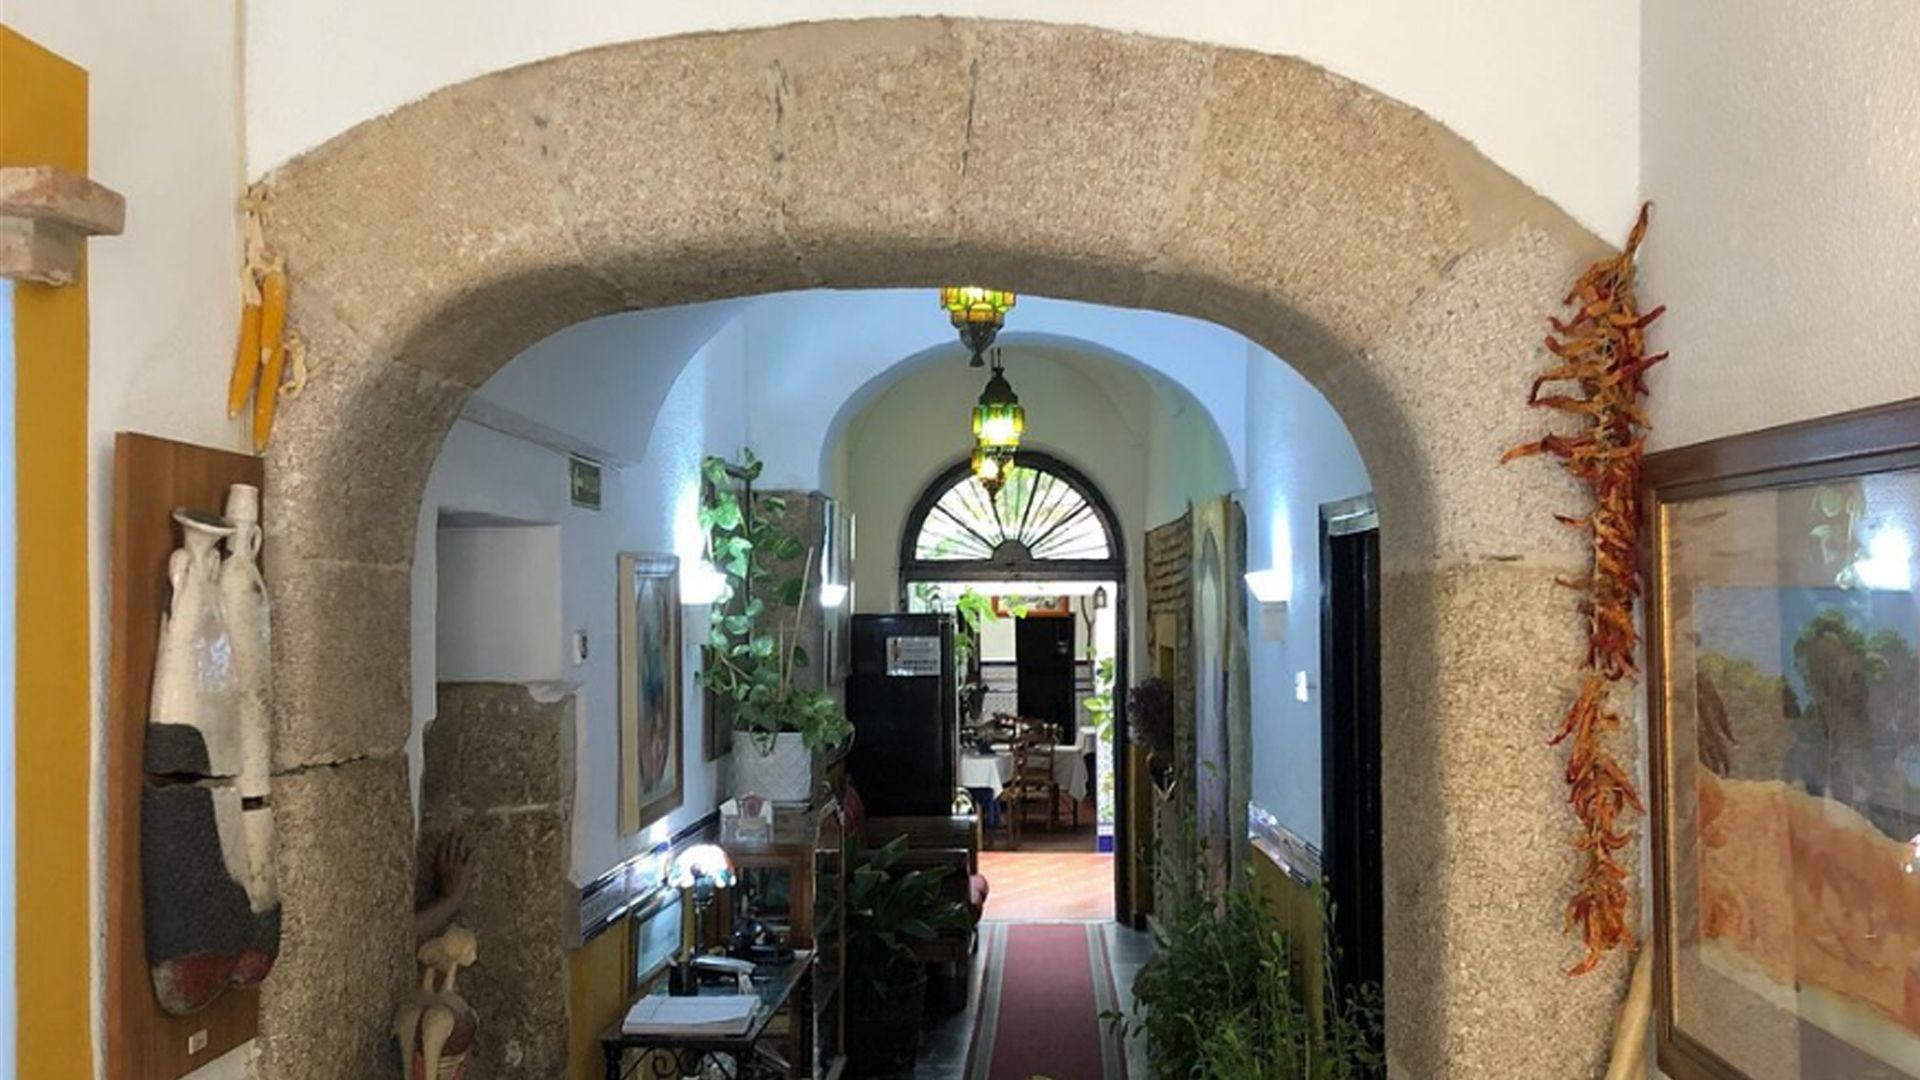 Restaurante con cocina extremeña en Mérida